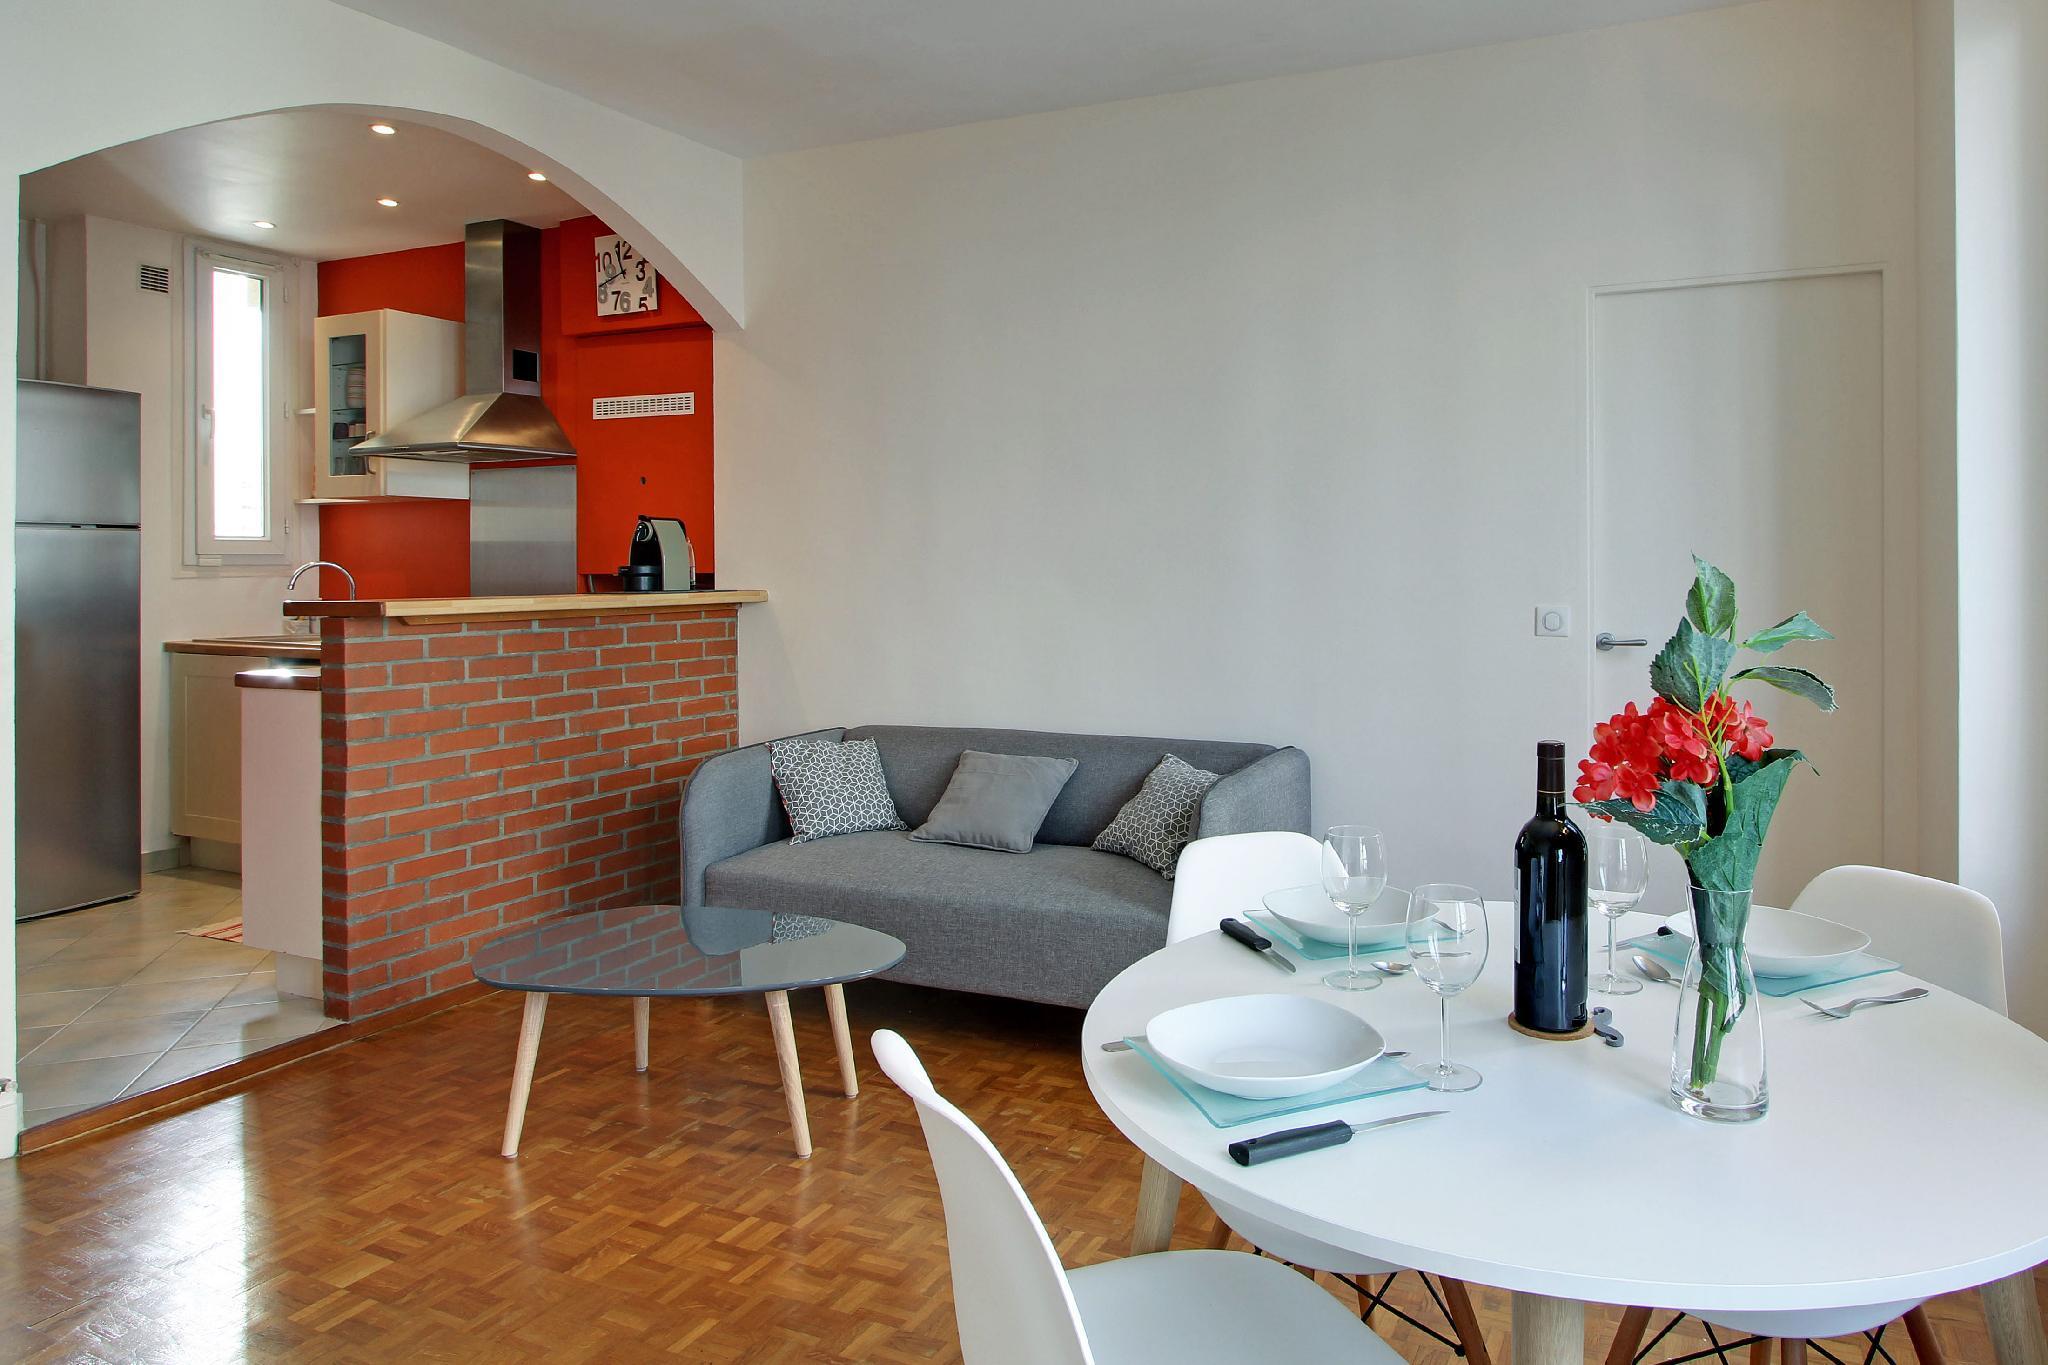 292024 - Agréable appartement 3 pièces